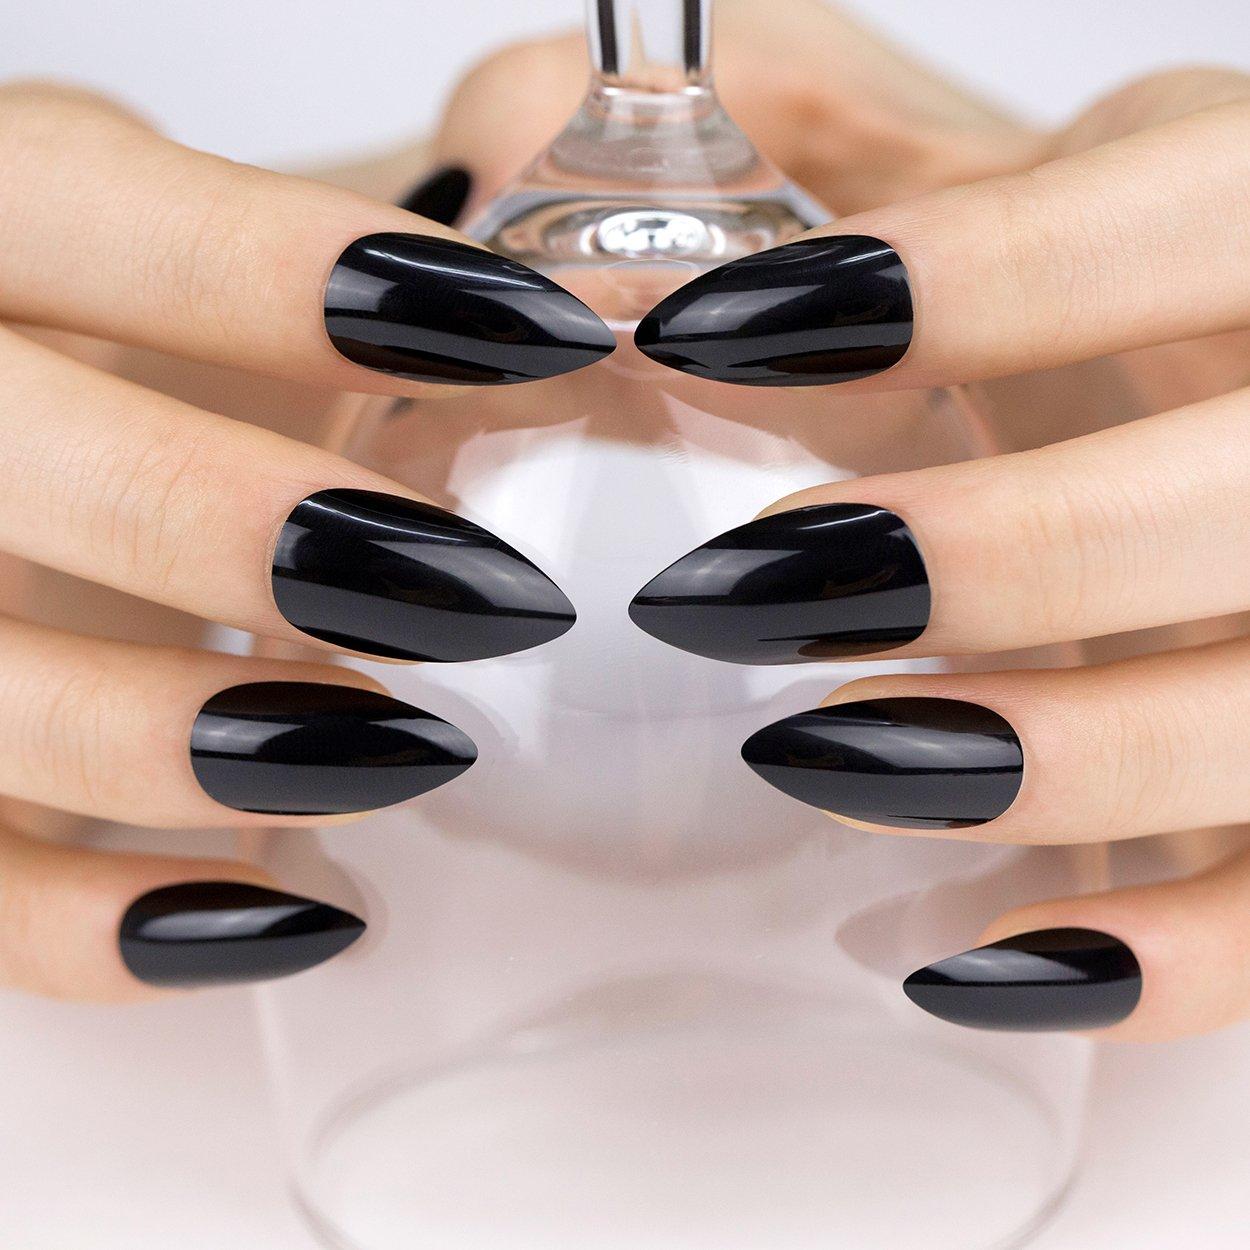 ArtPlus Black Gel Fake Nails Kit Stiletto Full Cover with Glue 24pcs False Nails